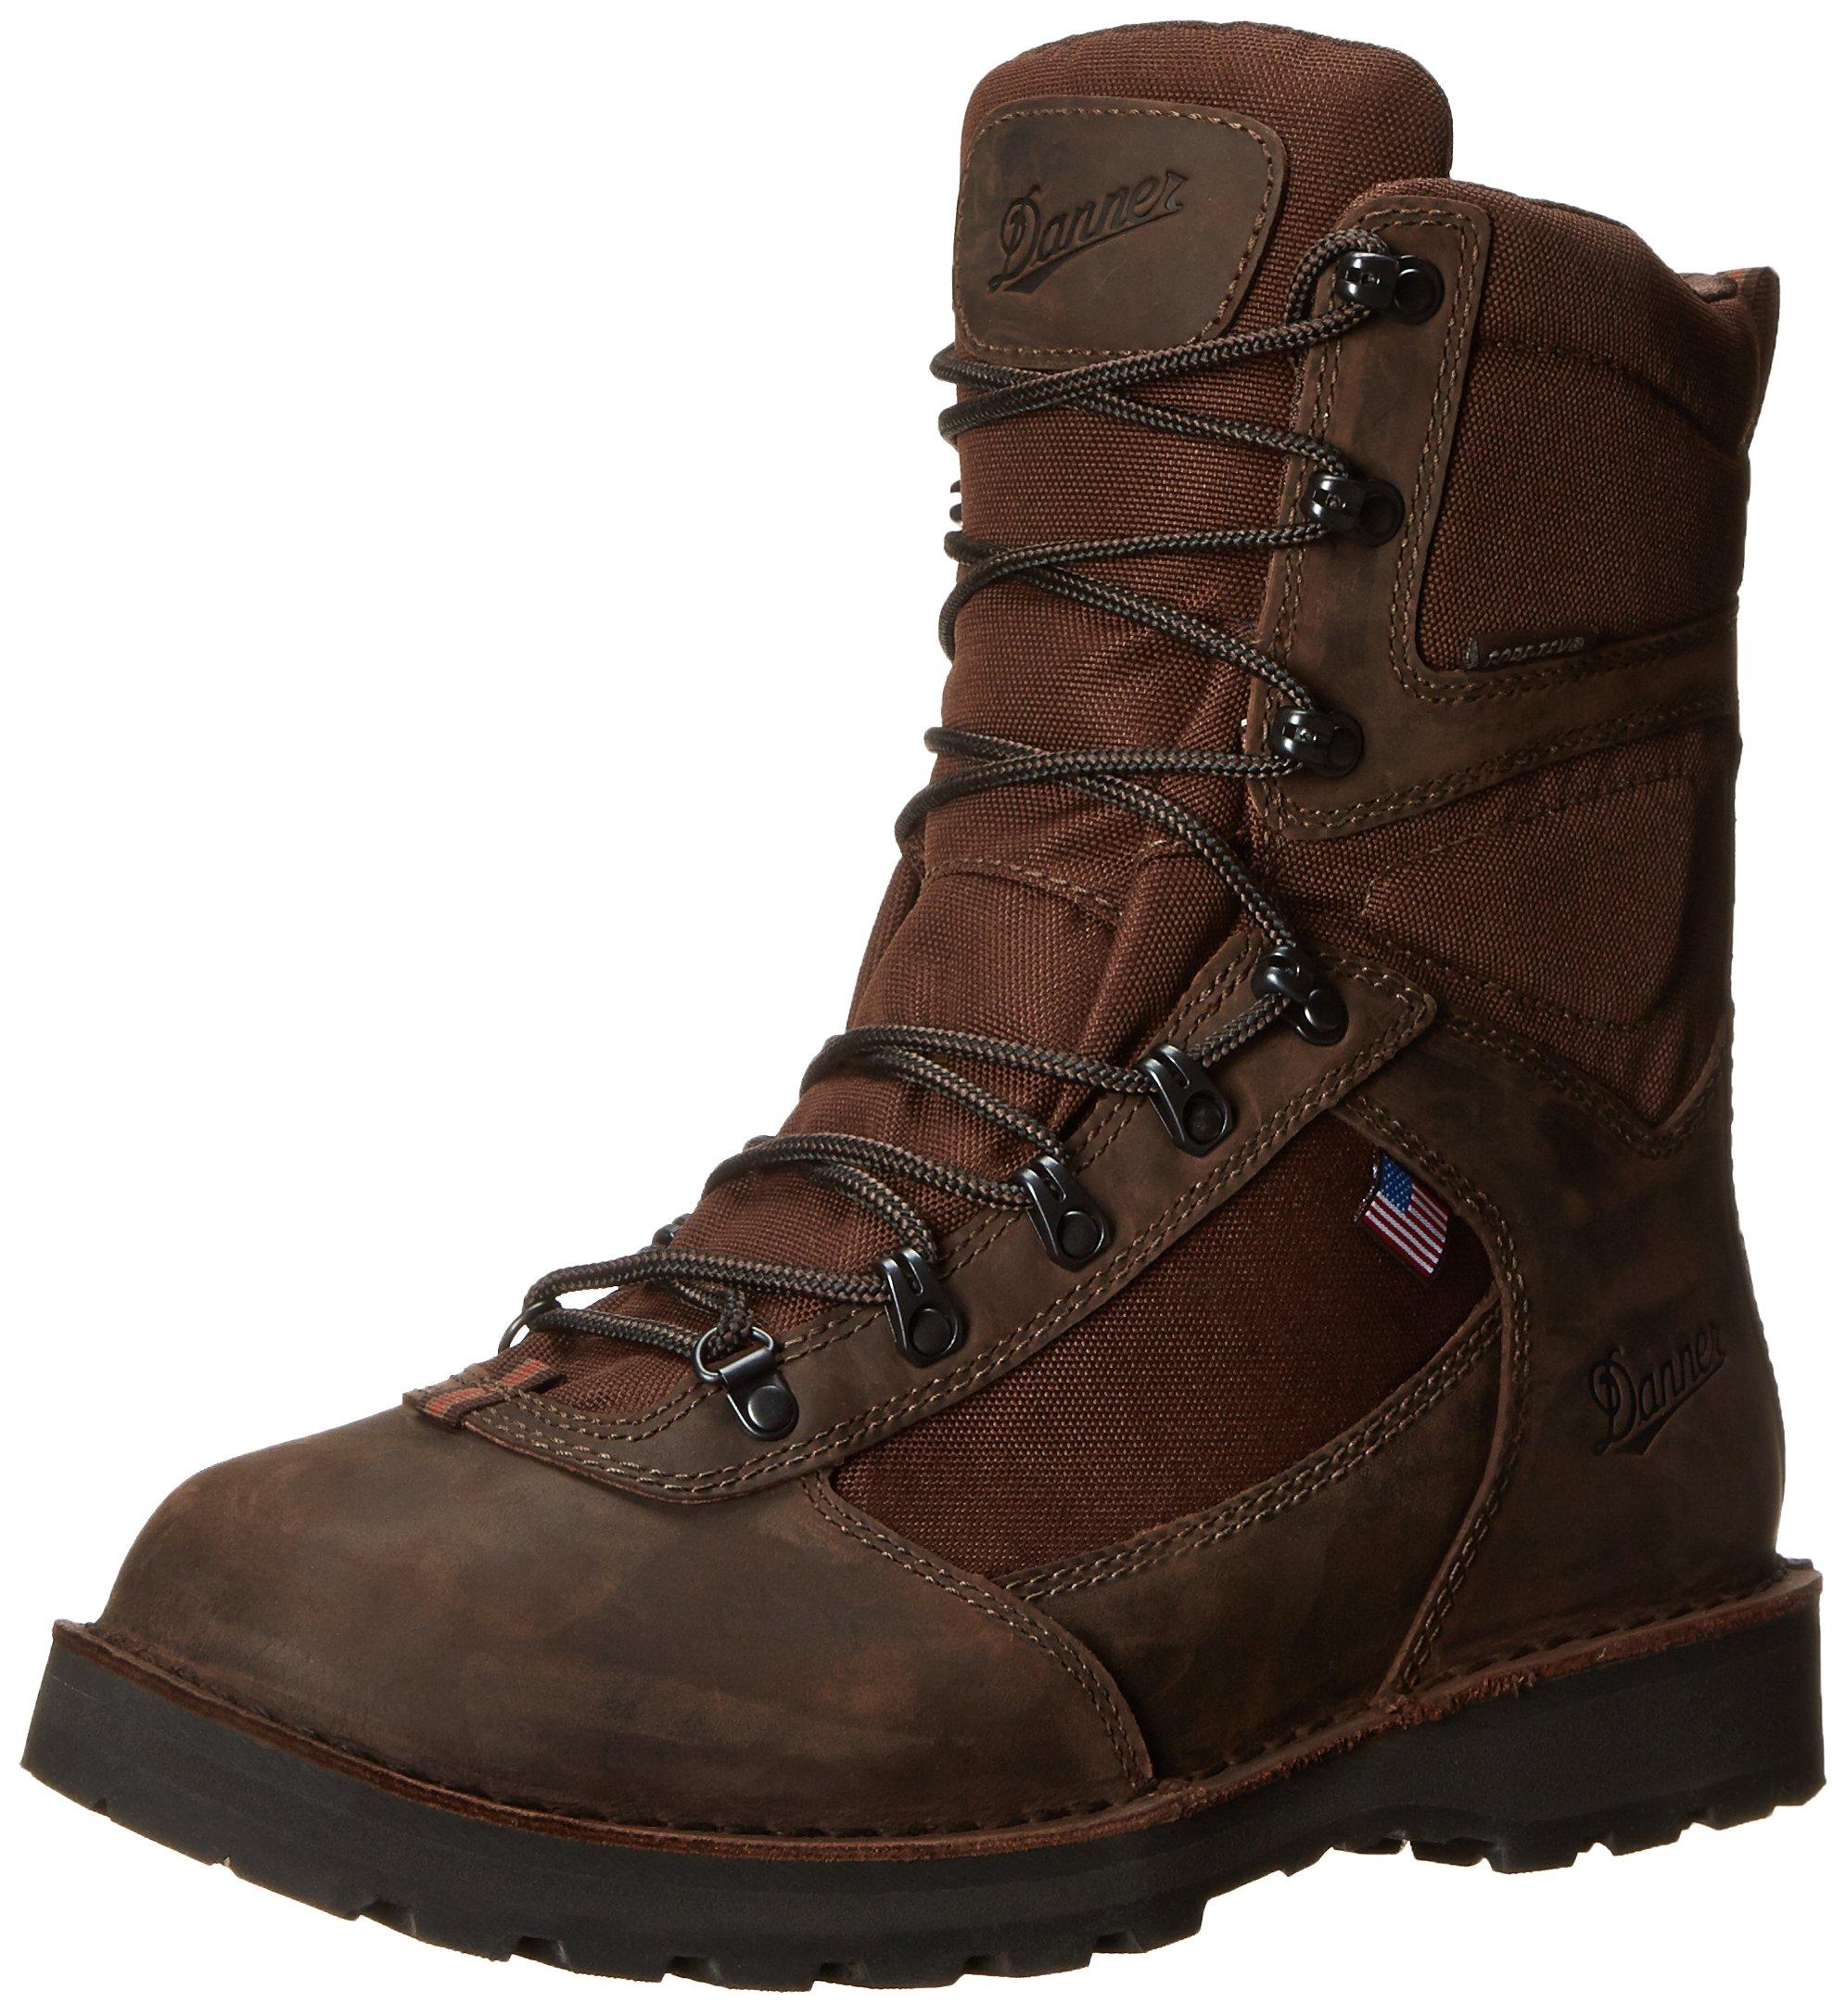 Danner Men's East Ridge 8-Inch BRO Hiking Boot,Brown,10.5 EE US